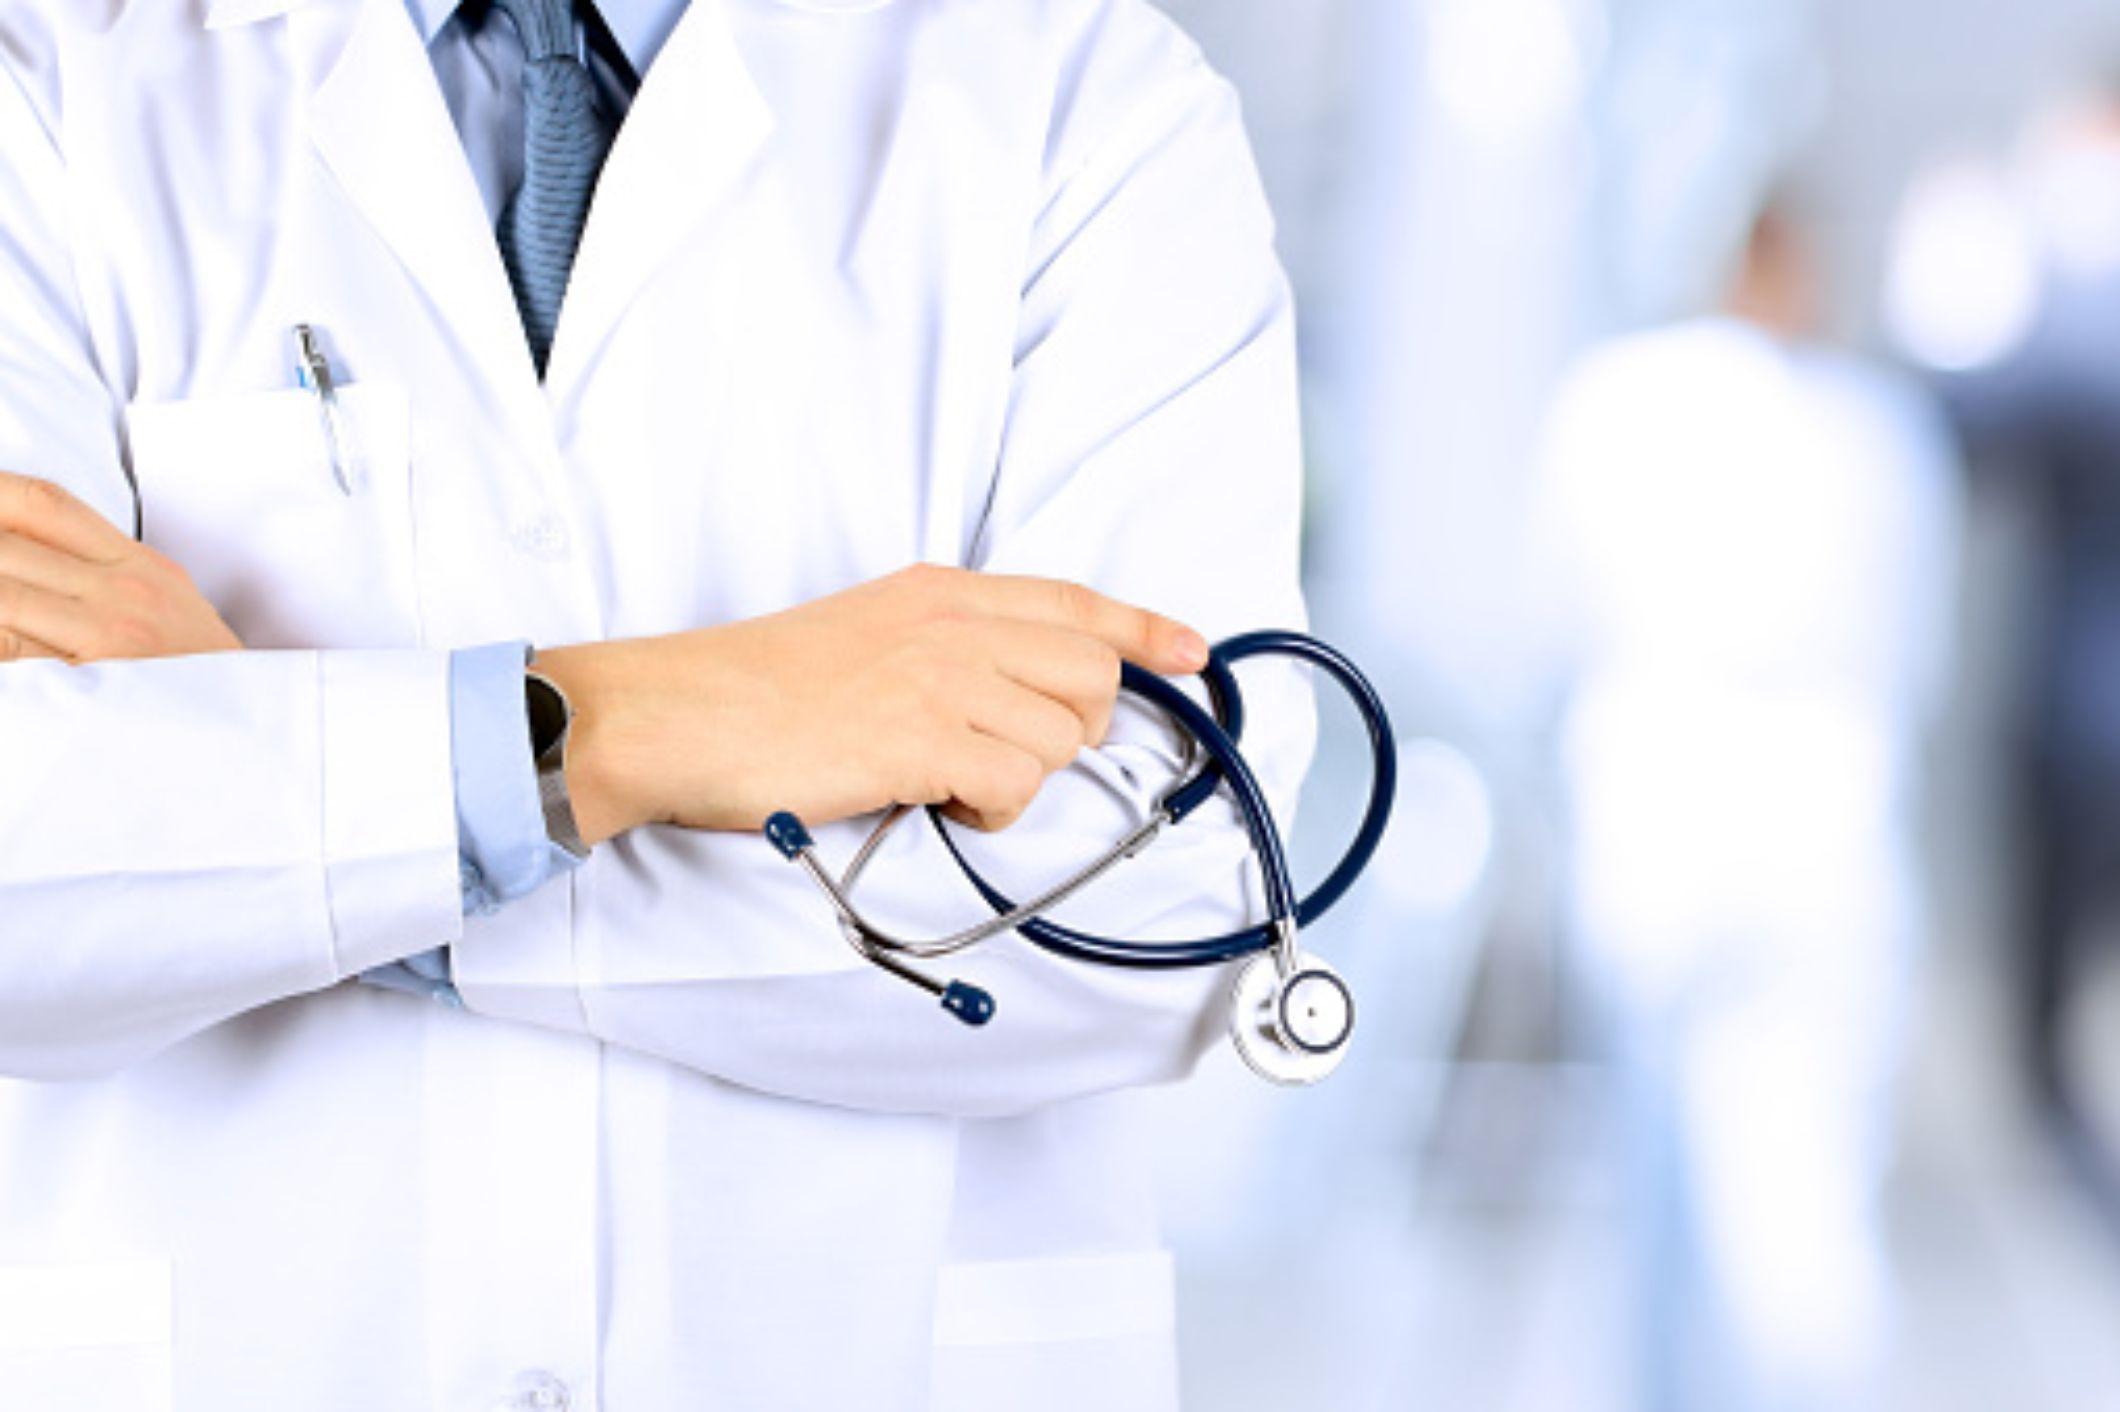 alasan-ruu-pendidikan-kedokteran-segera-dibahas